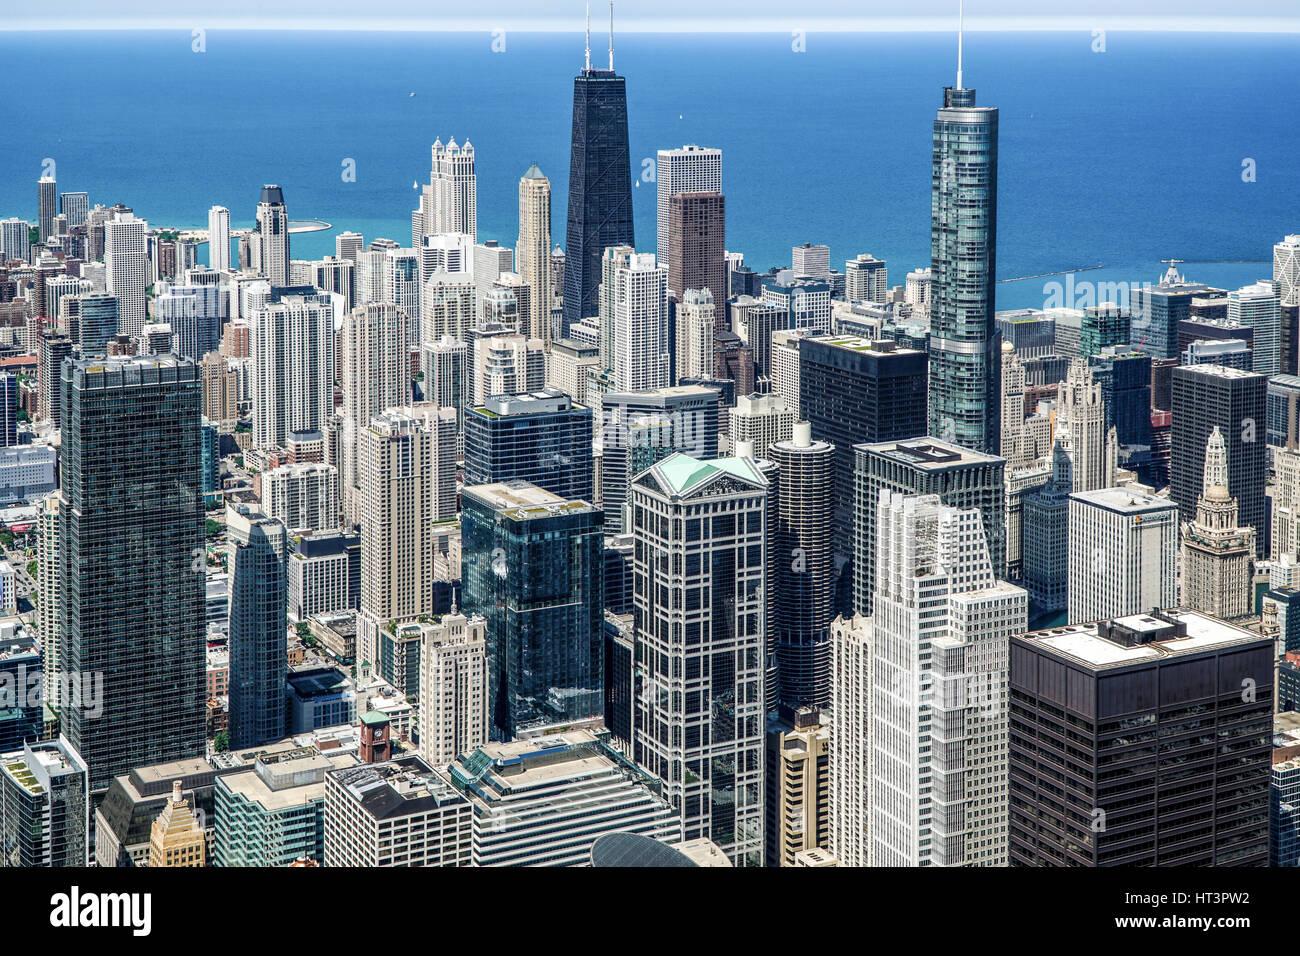 Vista aérea de la ciudad de Chicago frente al lago mirando al noreste del distrito de negocios del centro de Imagen De Stock